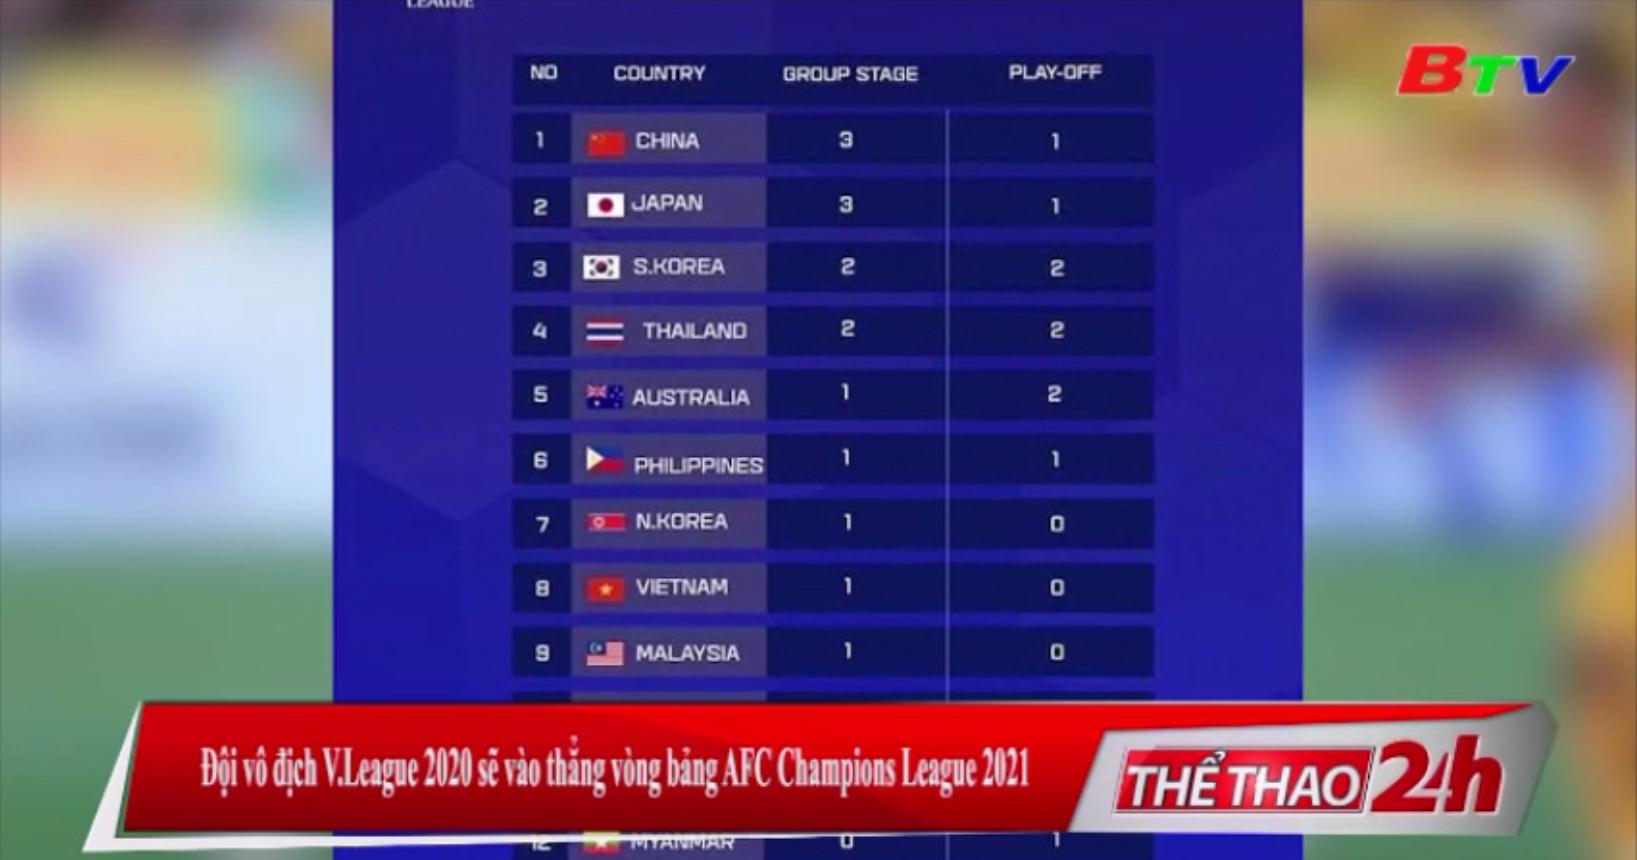 Đội vô địch V-League 2020 sẽ vào thẳng vòng bảng AFC Champions League 2021